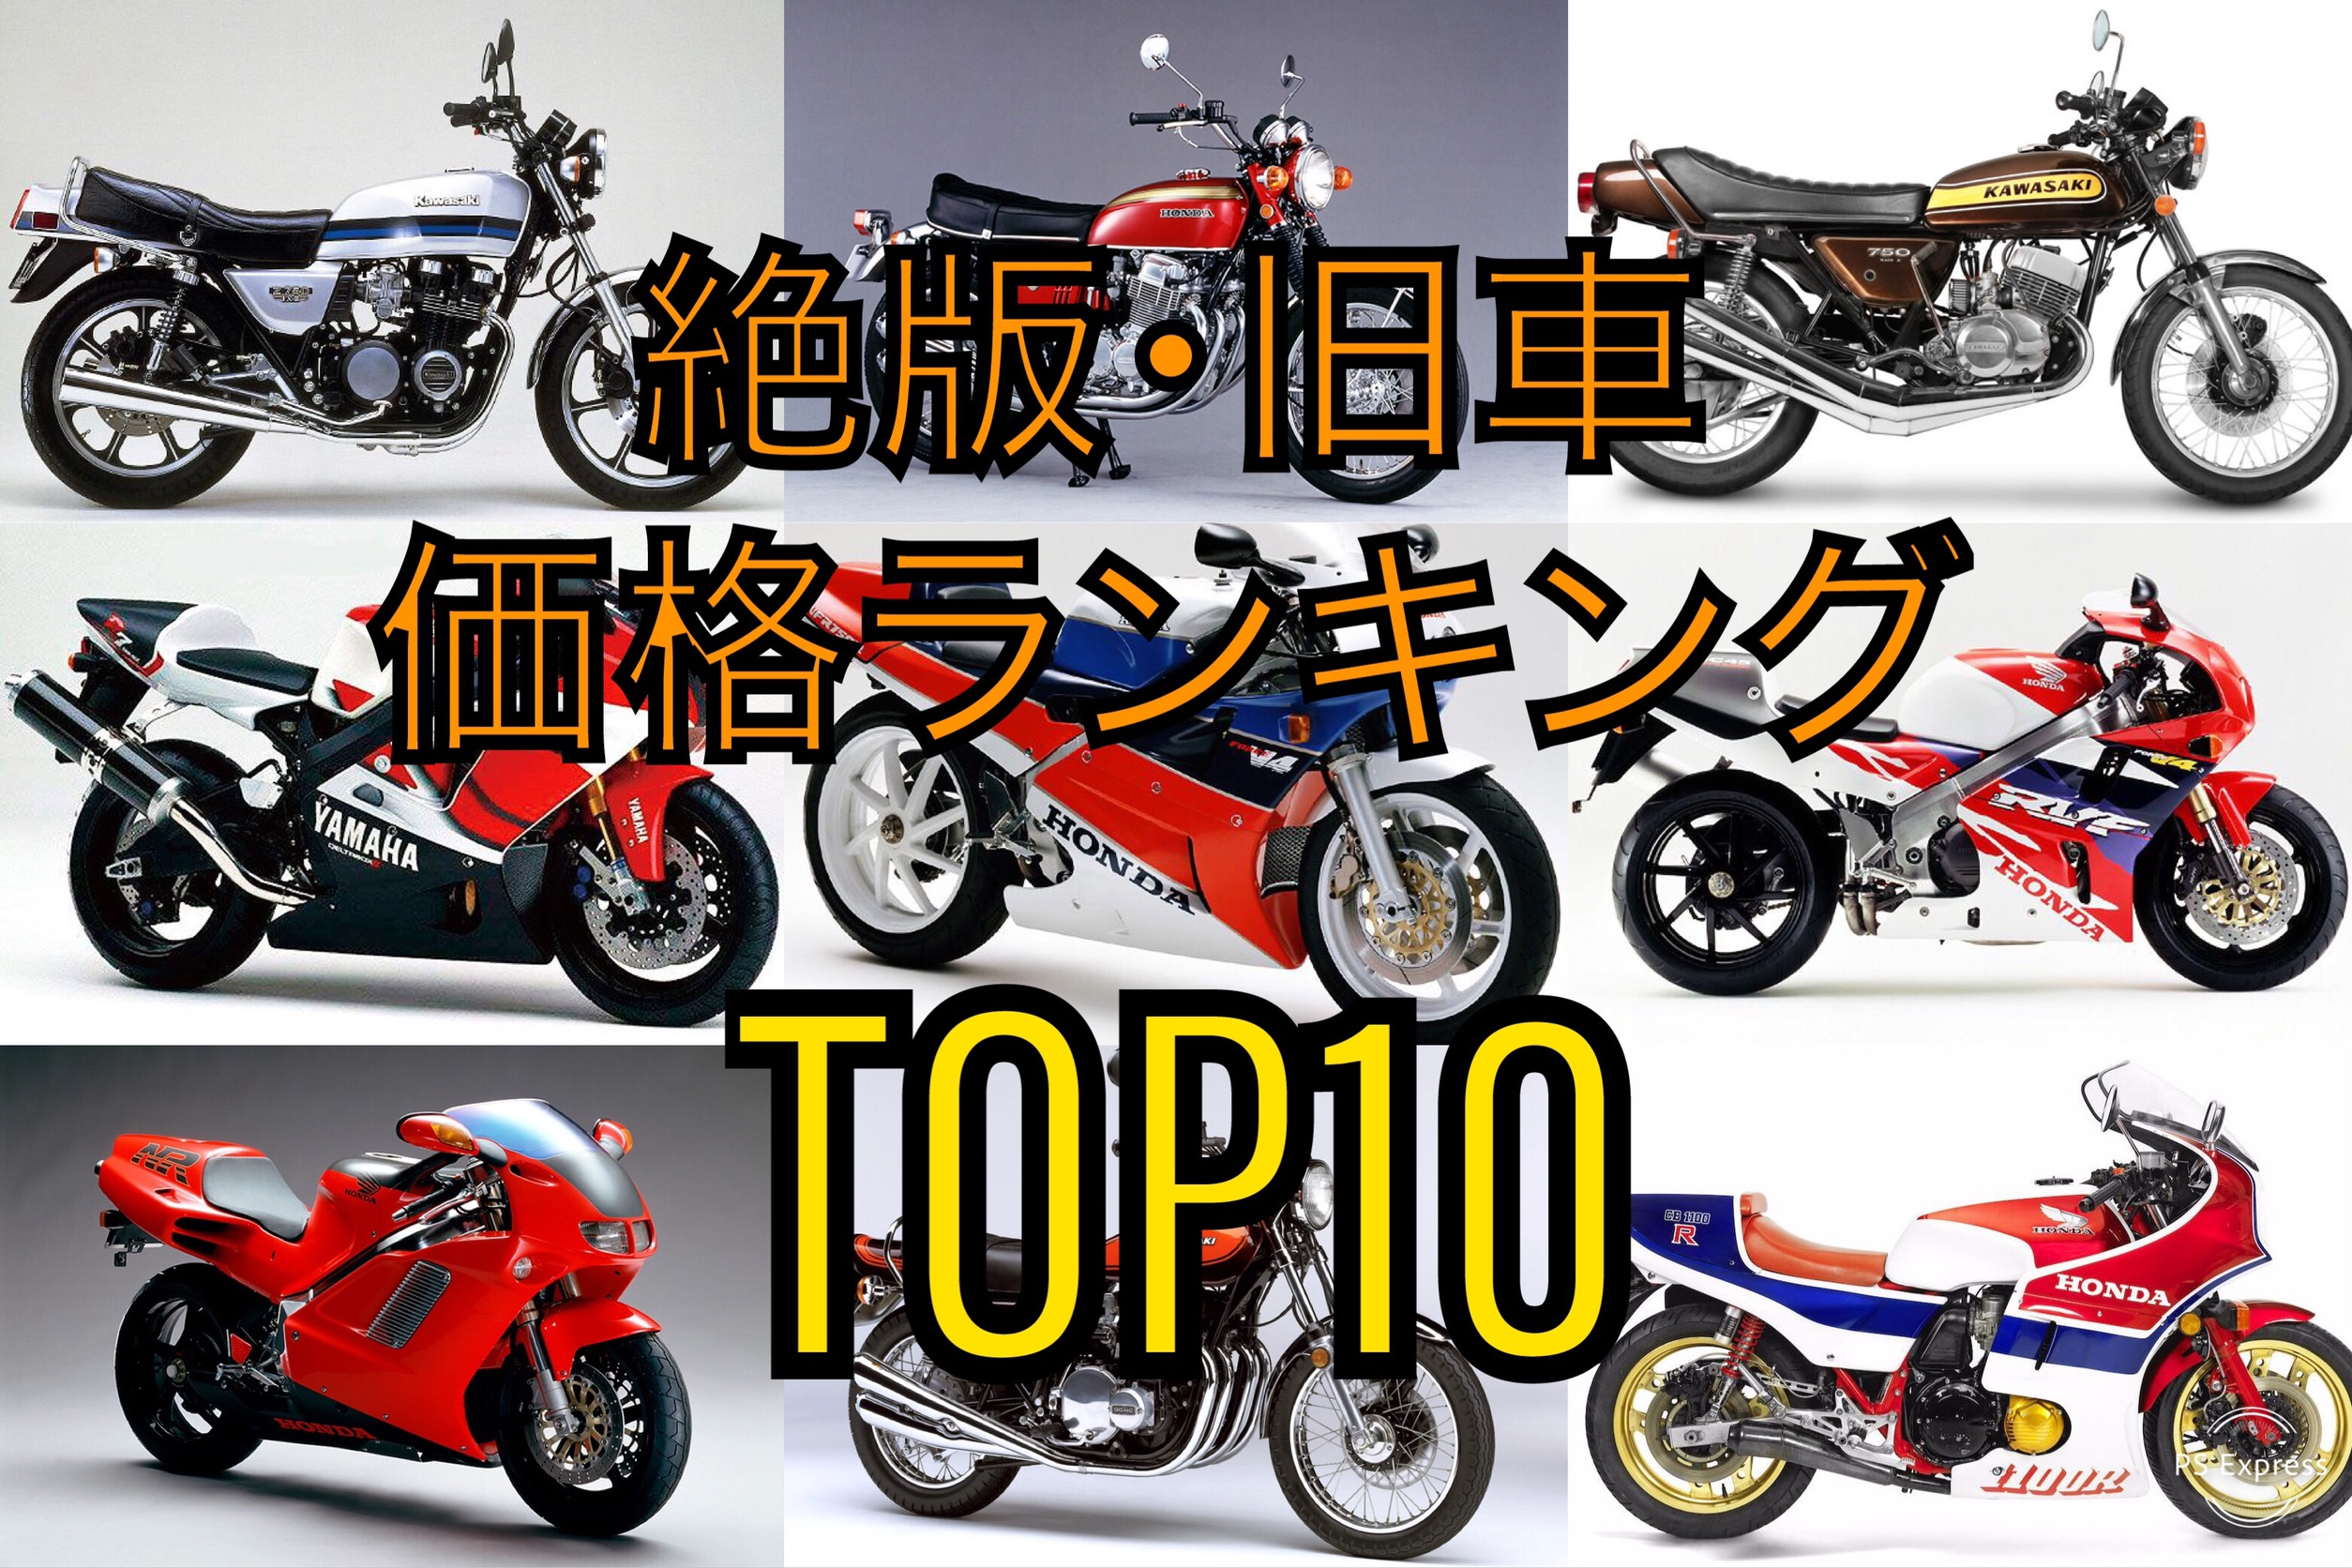 旧車、絶版、バイク、価格ランキング